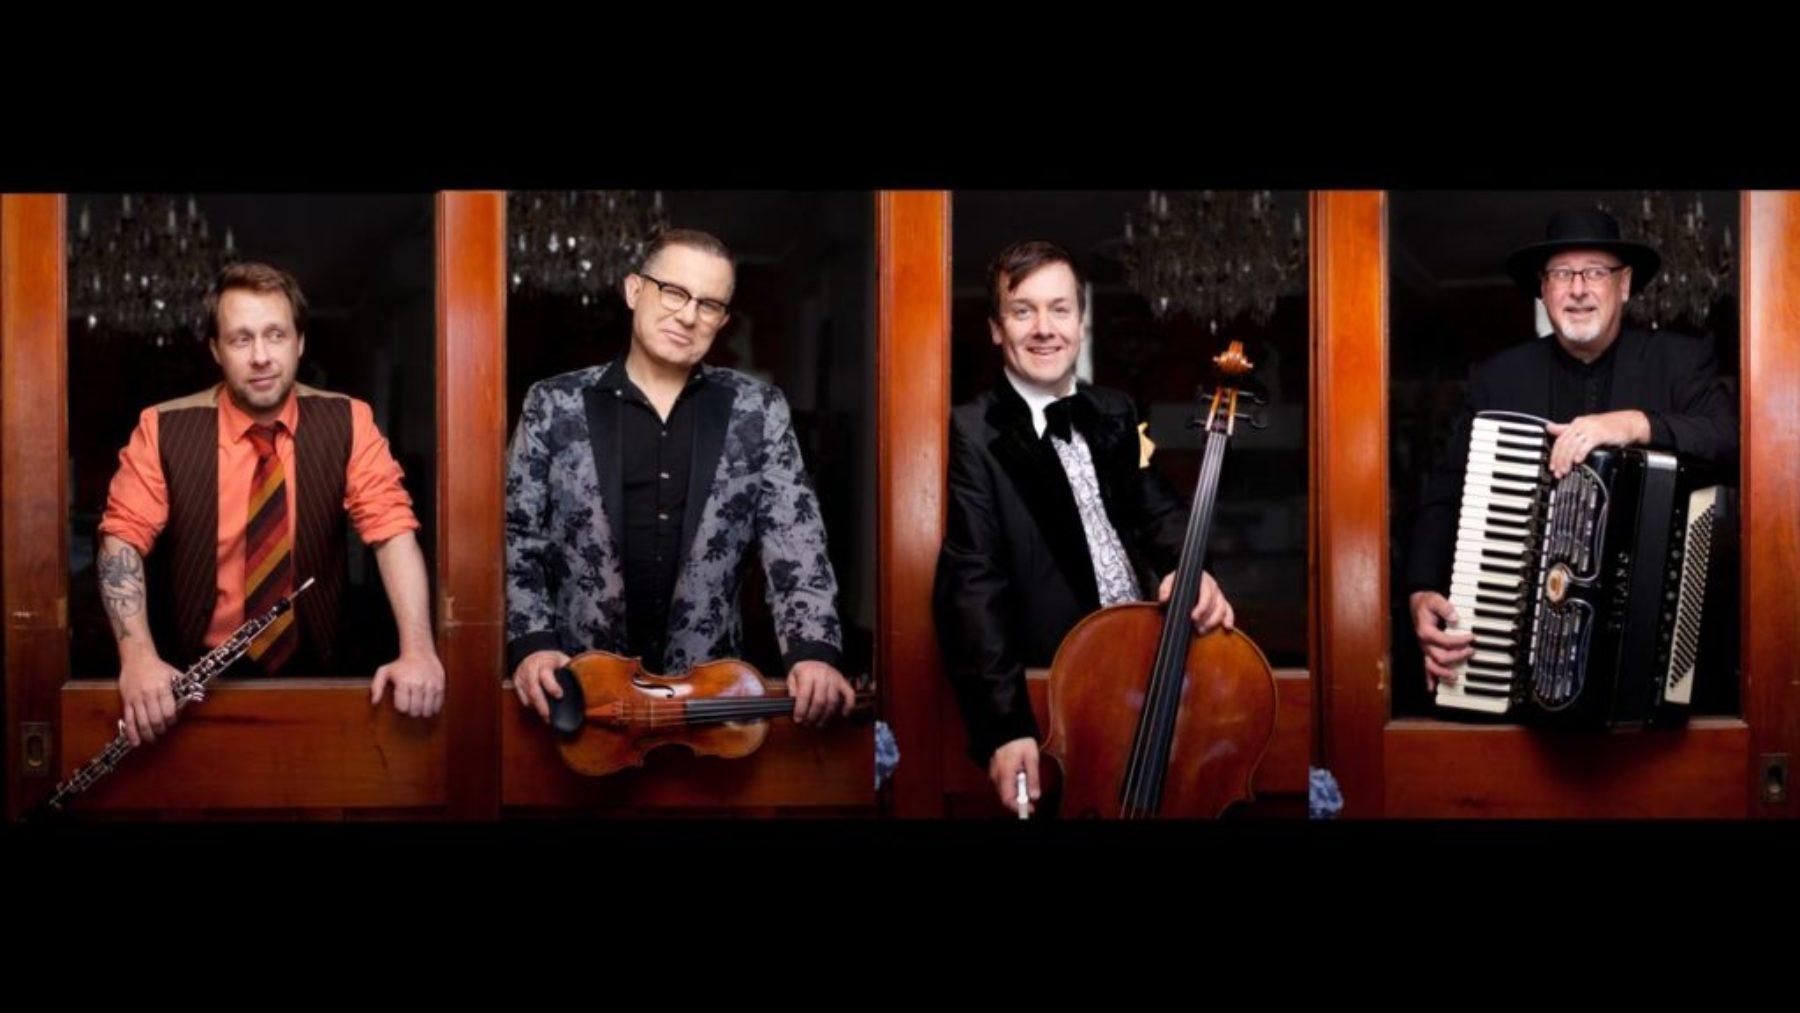 Quartetto Gelato  - Sat. Apr. 13, 2019, 8pm